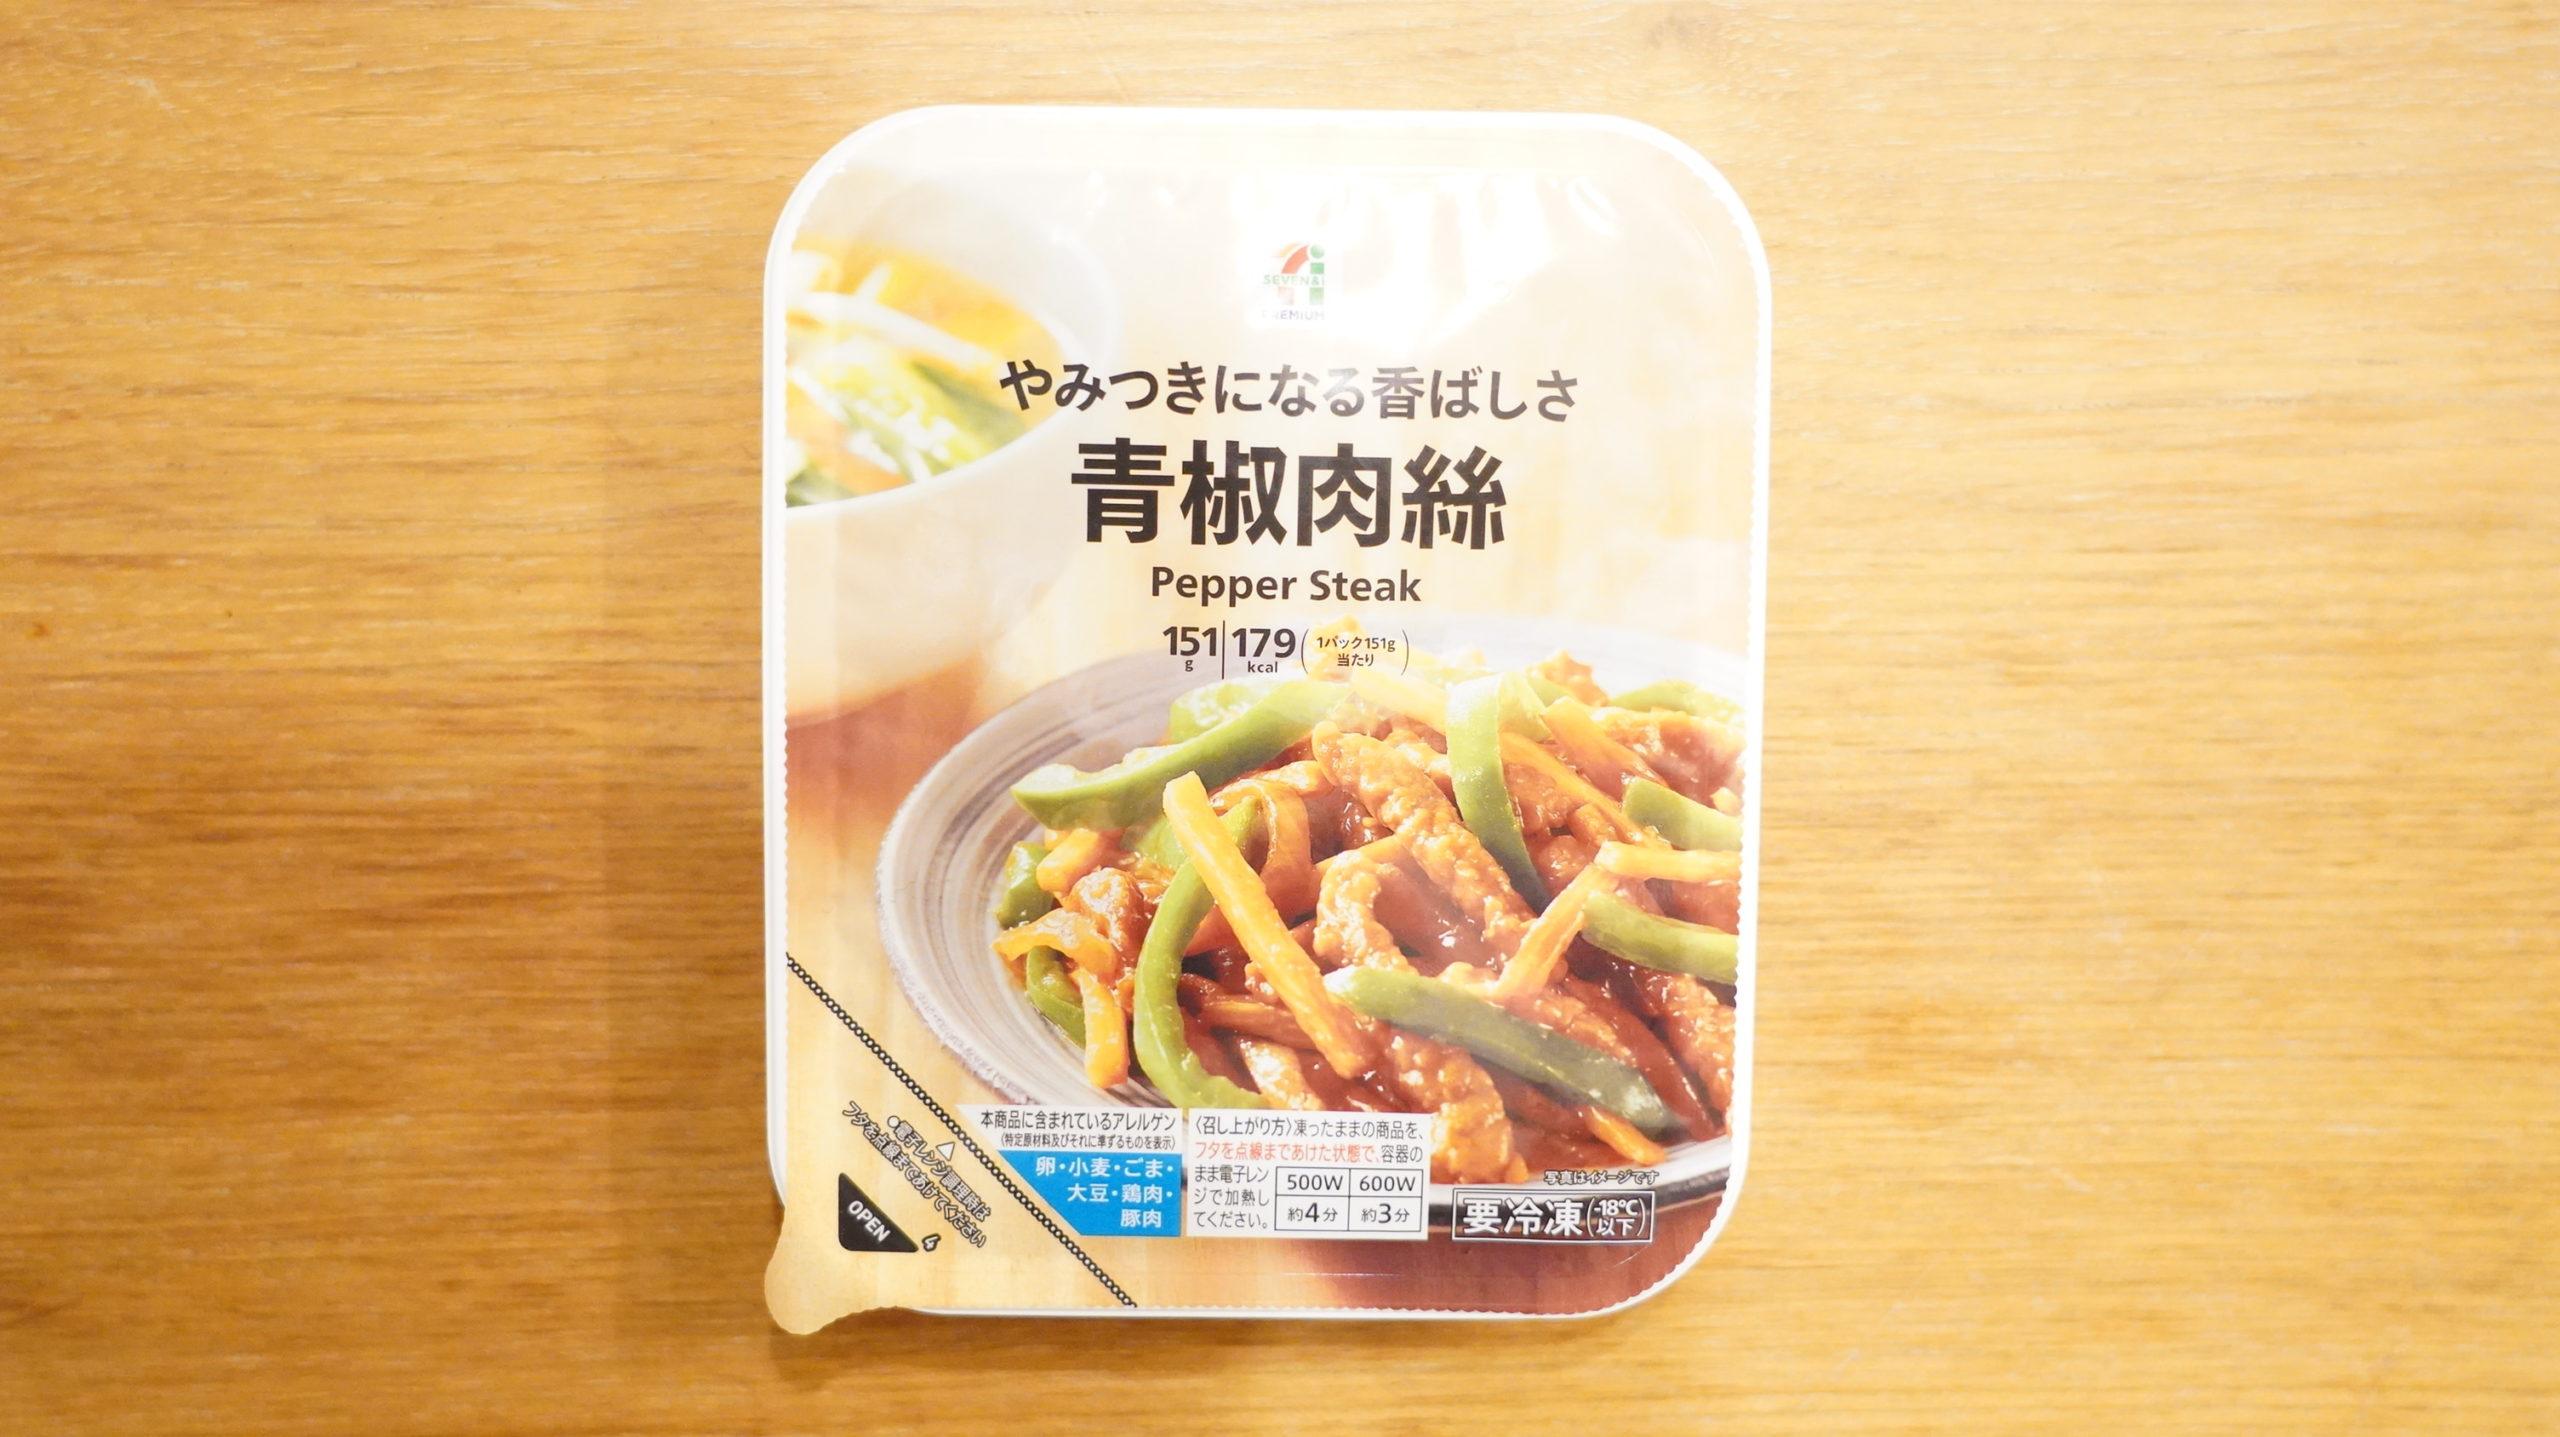 セブンイレブンの冷凍食品「やみつきになる香ばしさ・青椒肉絲(チンジャオロースー」のパッケージ写真